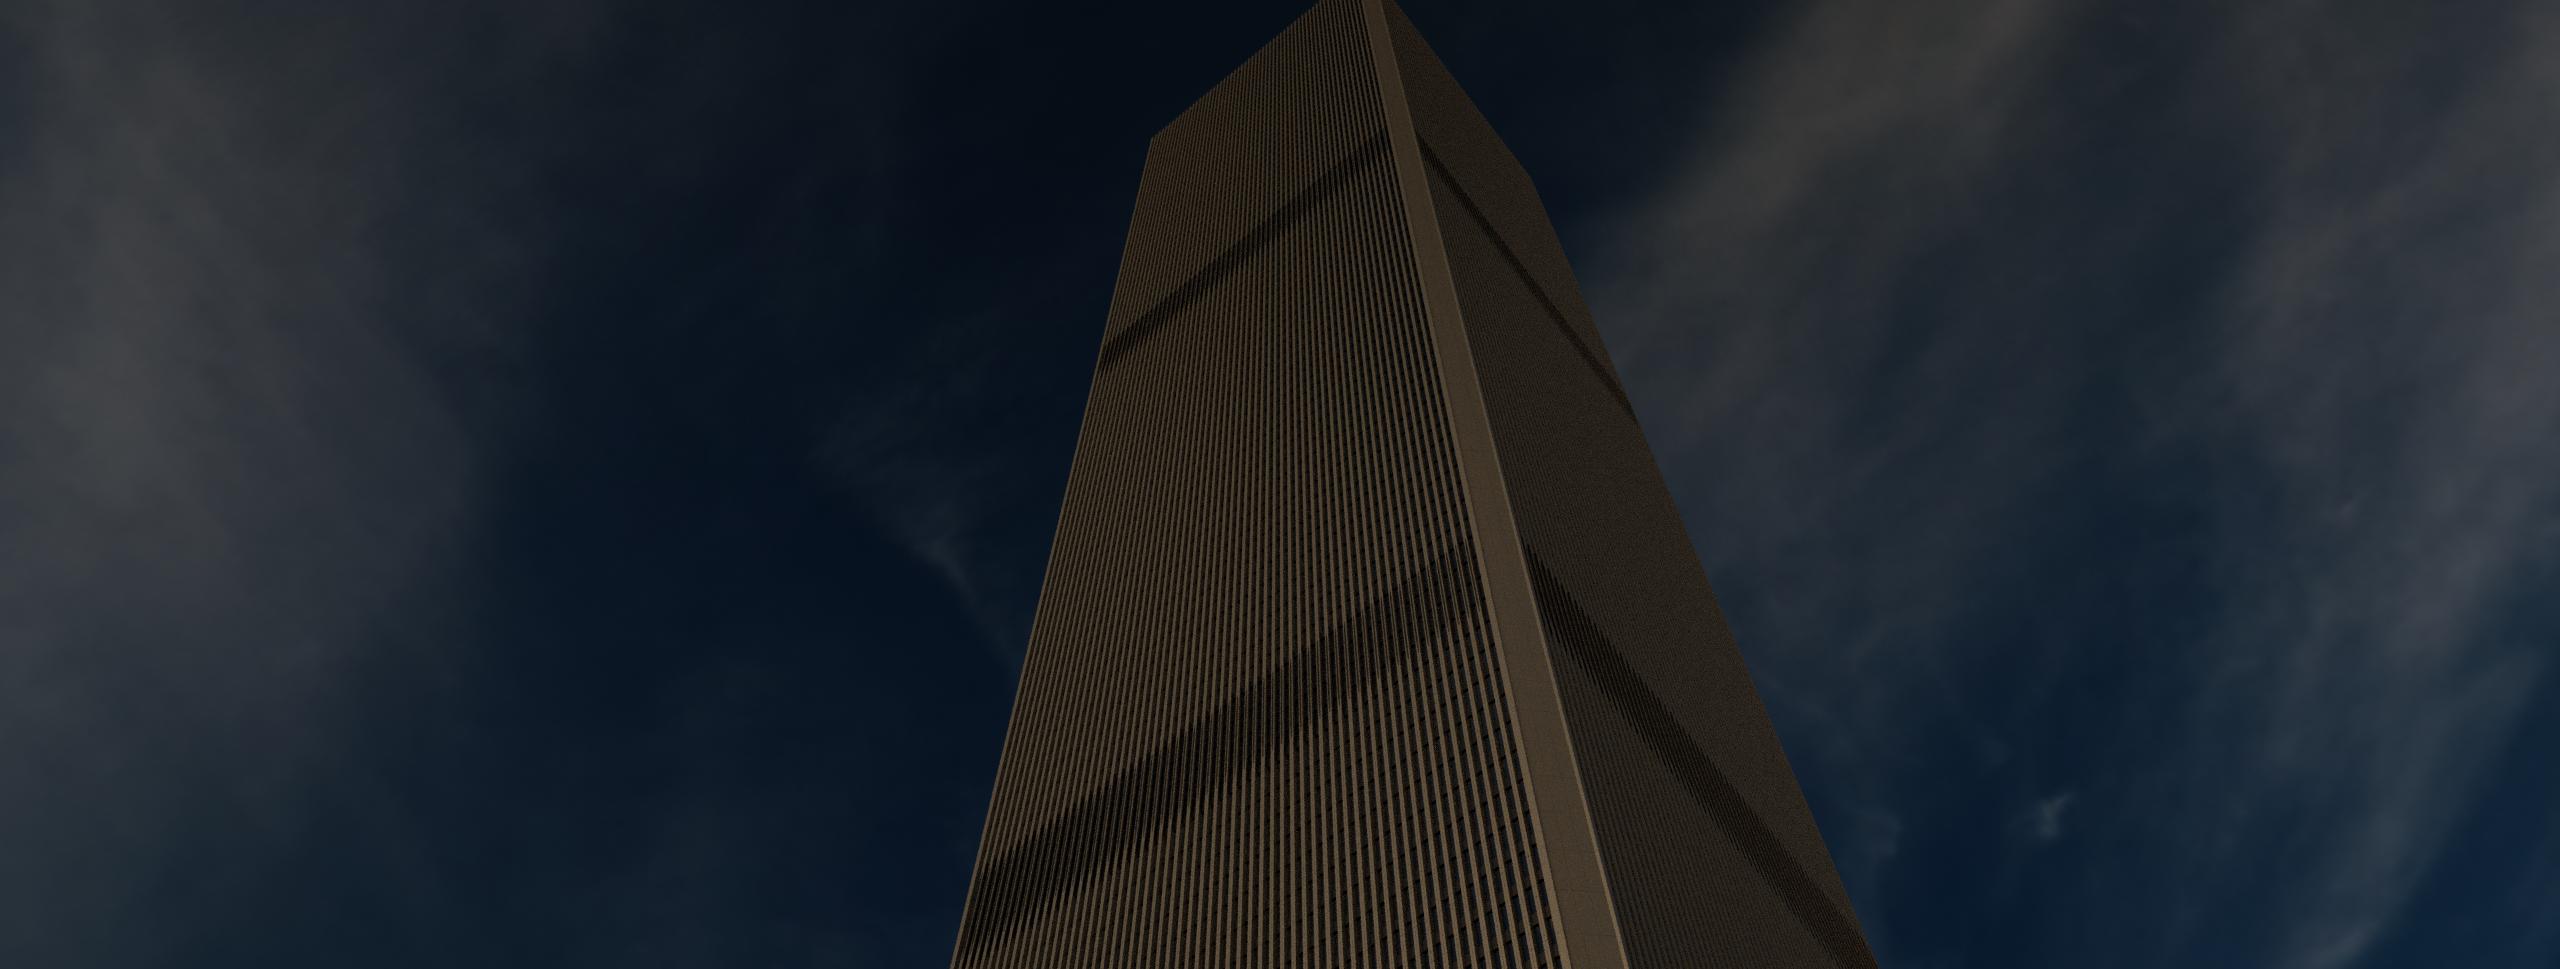 North Tower Facade